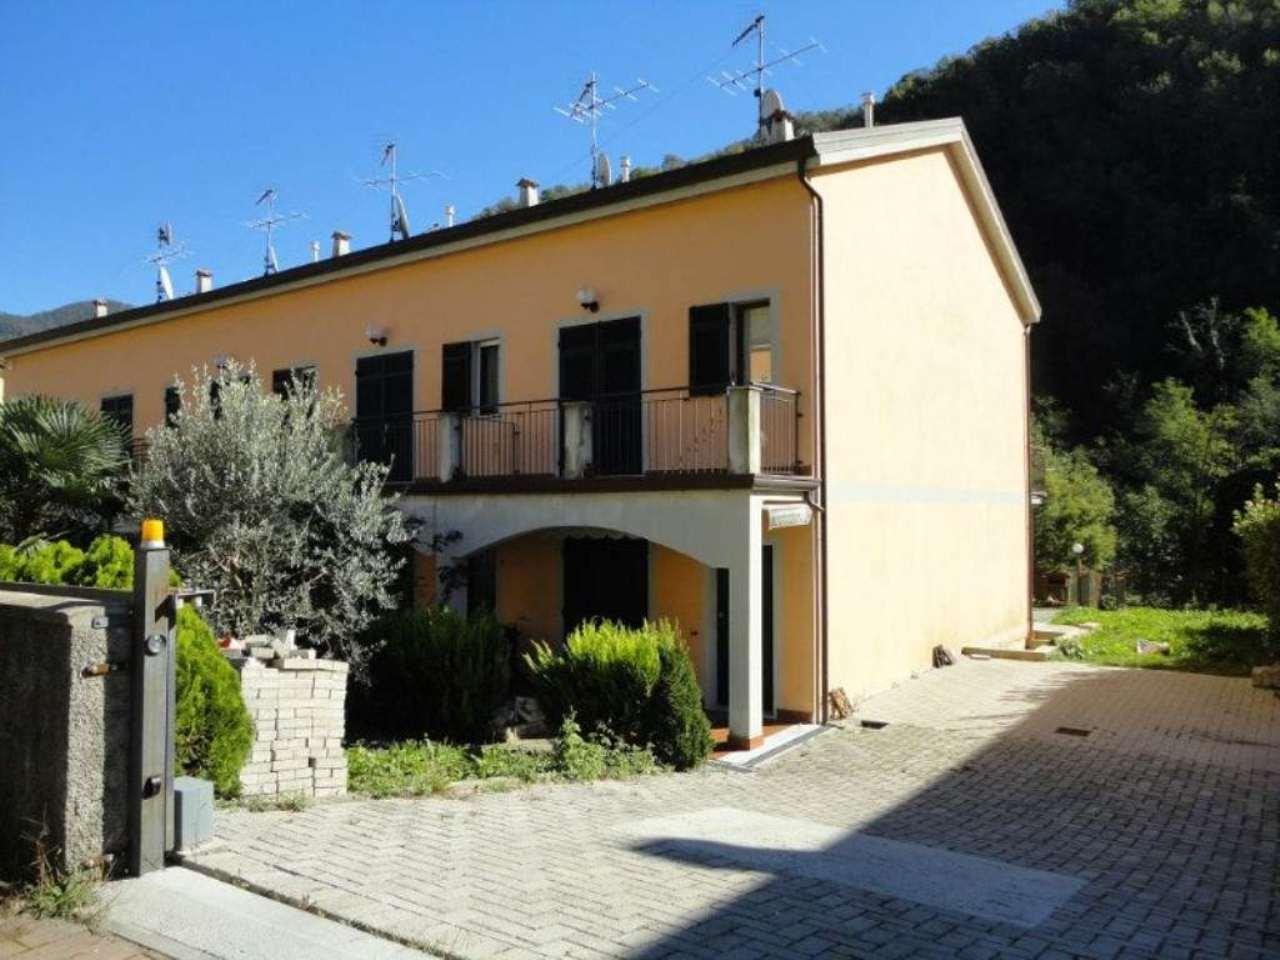 Soluzione Indipendente in vendita a Carasco, 5 locali, prezzo € 250.000 | Cambio Casa.it